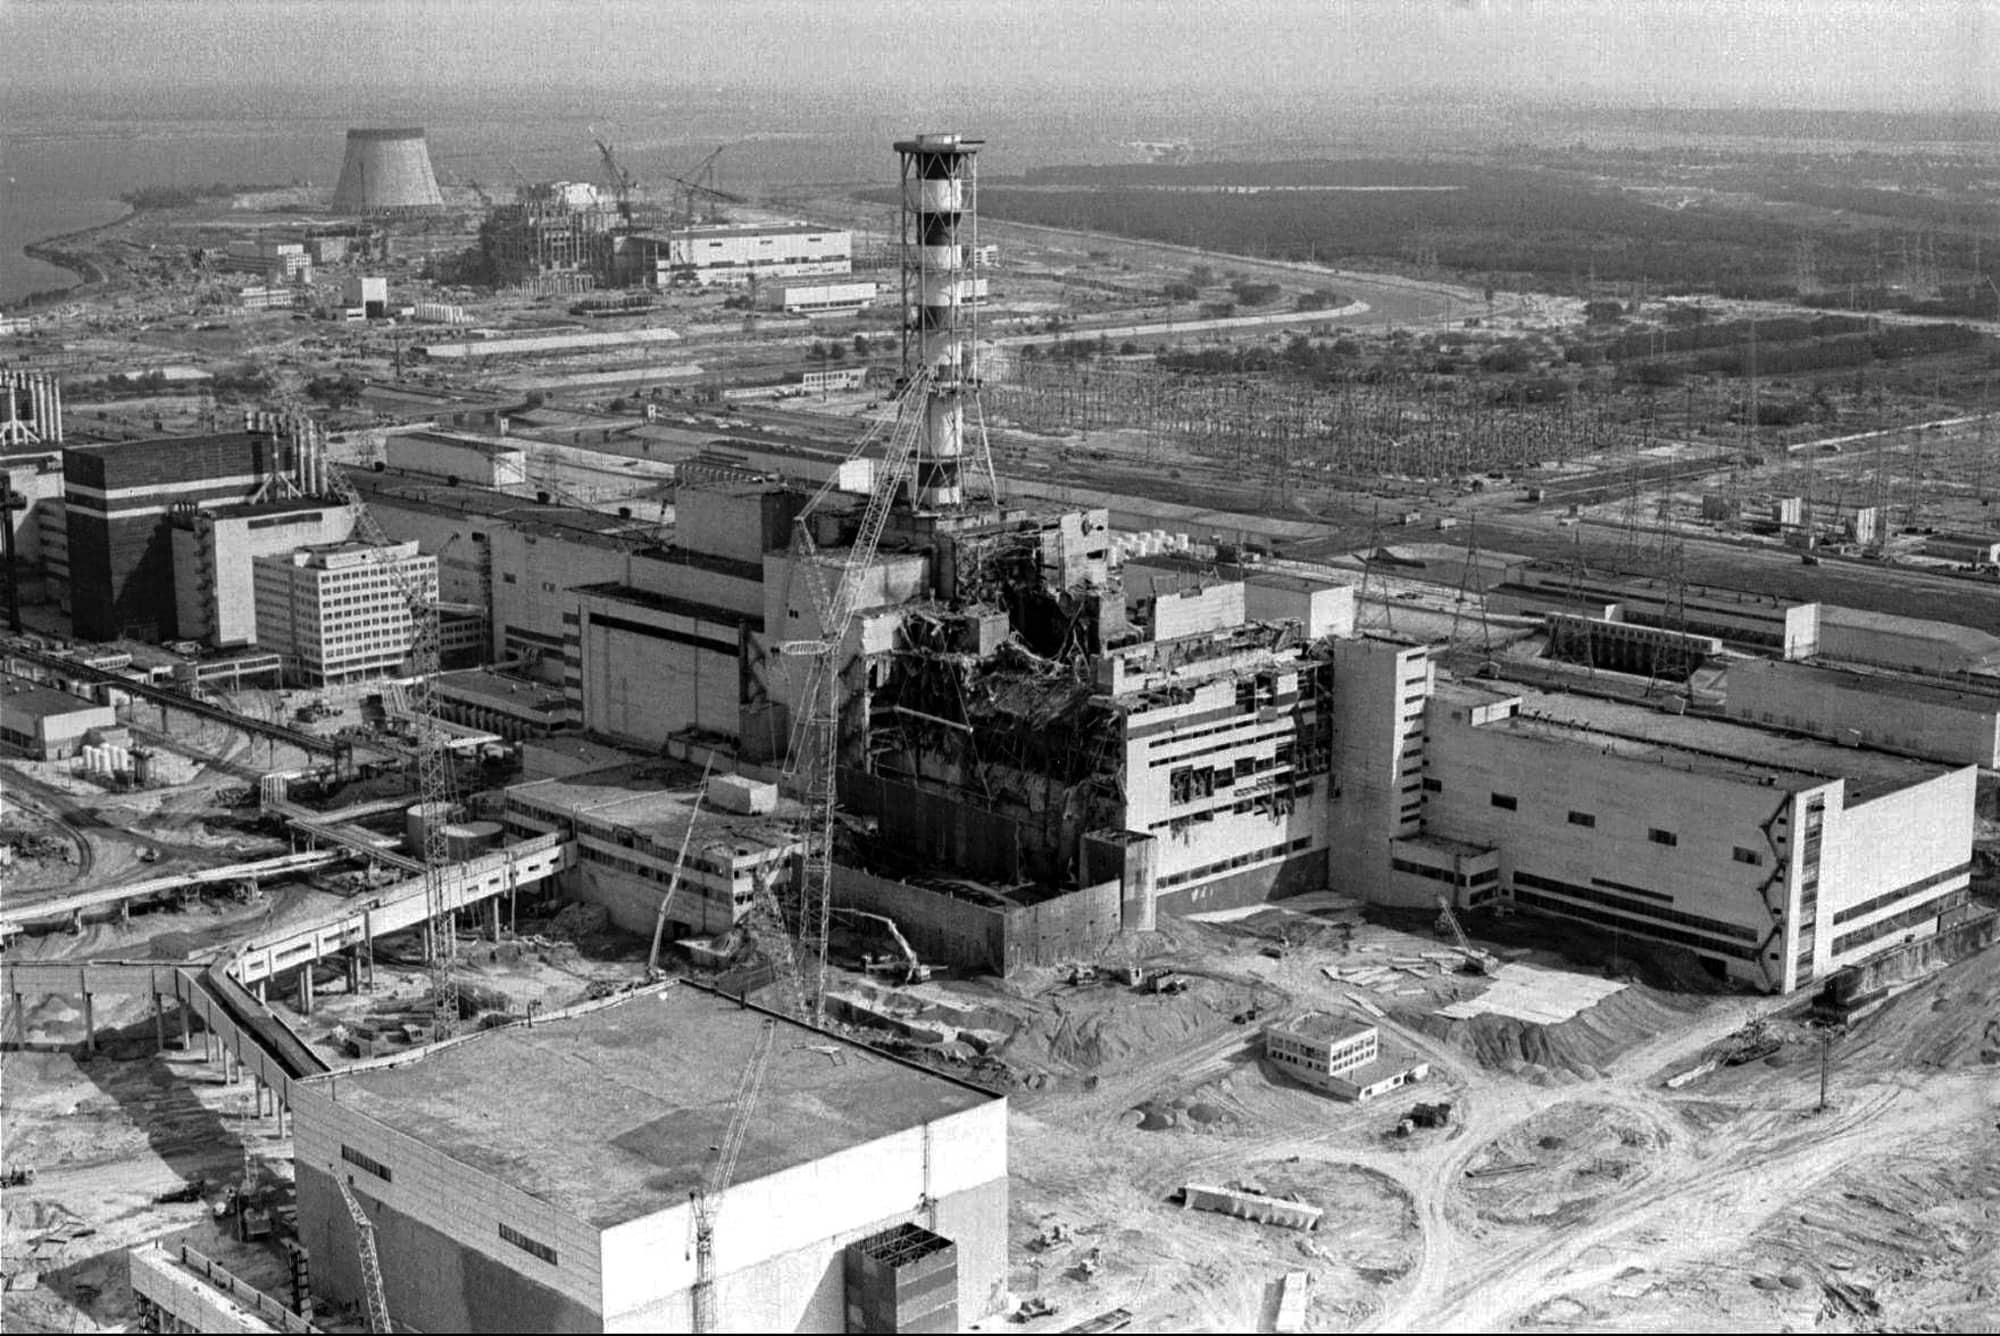 תצלום אווירי של תחנת הכוח הגרעינית בצ'רנוביל שבאוקראינה, שבו נראה הנזק מהפיצוץ בכור מספר 4 ב-26 באפריל 1986, ששחרר לאוויר כמויות גדולות של חומר רדיואקטיבי. האסון הגרעיני בצ'רנוביל הפיץ קרינה בחלקים גדולים מצפון אירופה וגבה את חייהם של אלפים (צילום: Volodymyr Repik, AP)